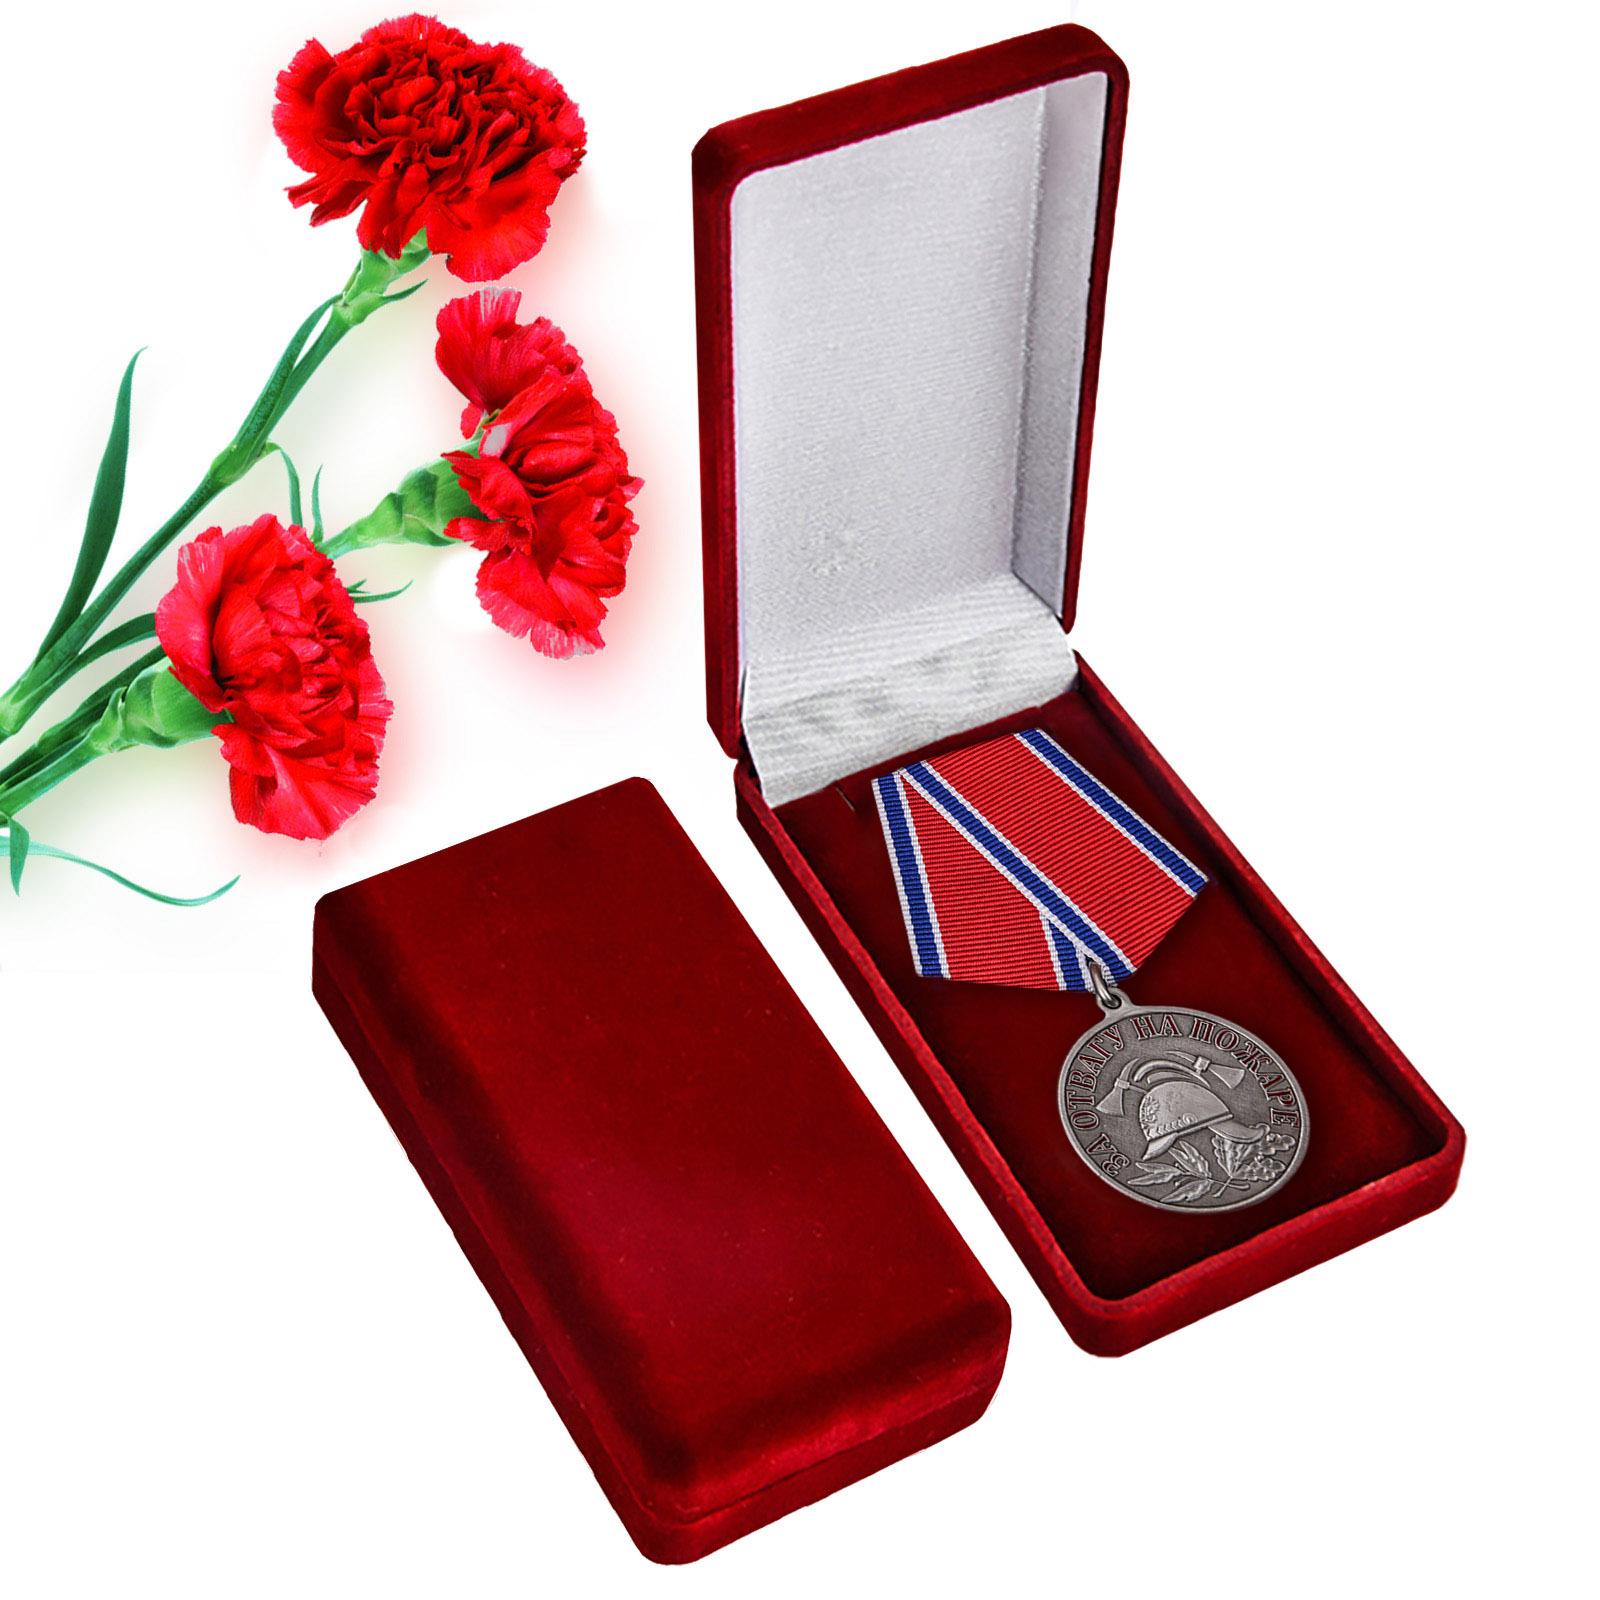 """Купить латунную медаль МЧС """"За отвагу на пожаре"""" оптом или в розницу"""